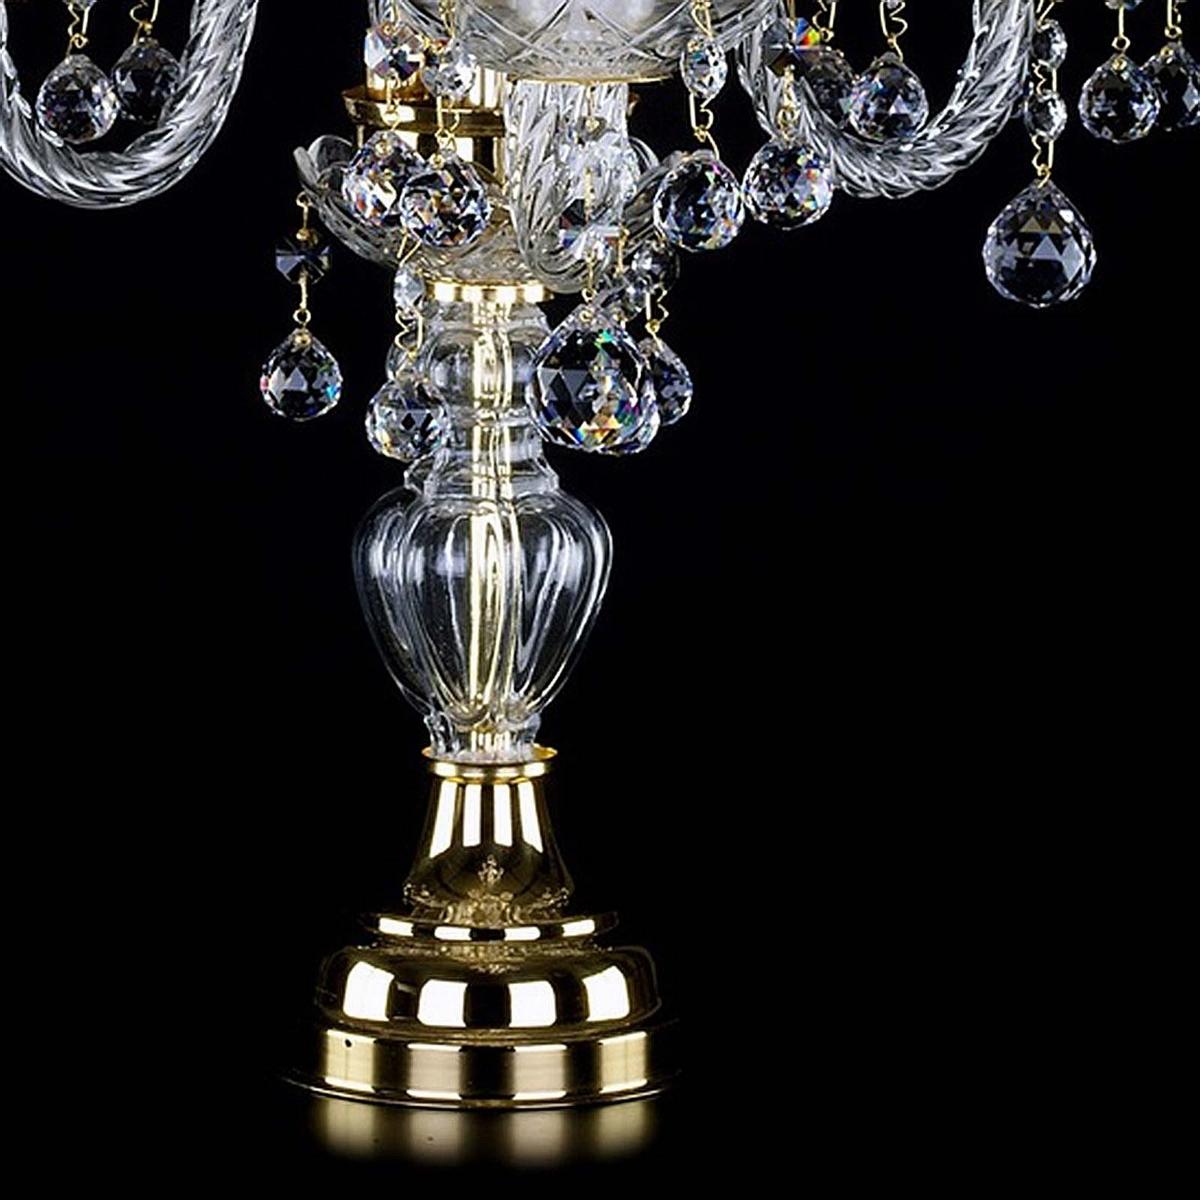 Хрустальная настольная лампа MARKETA III. balls